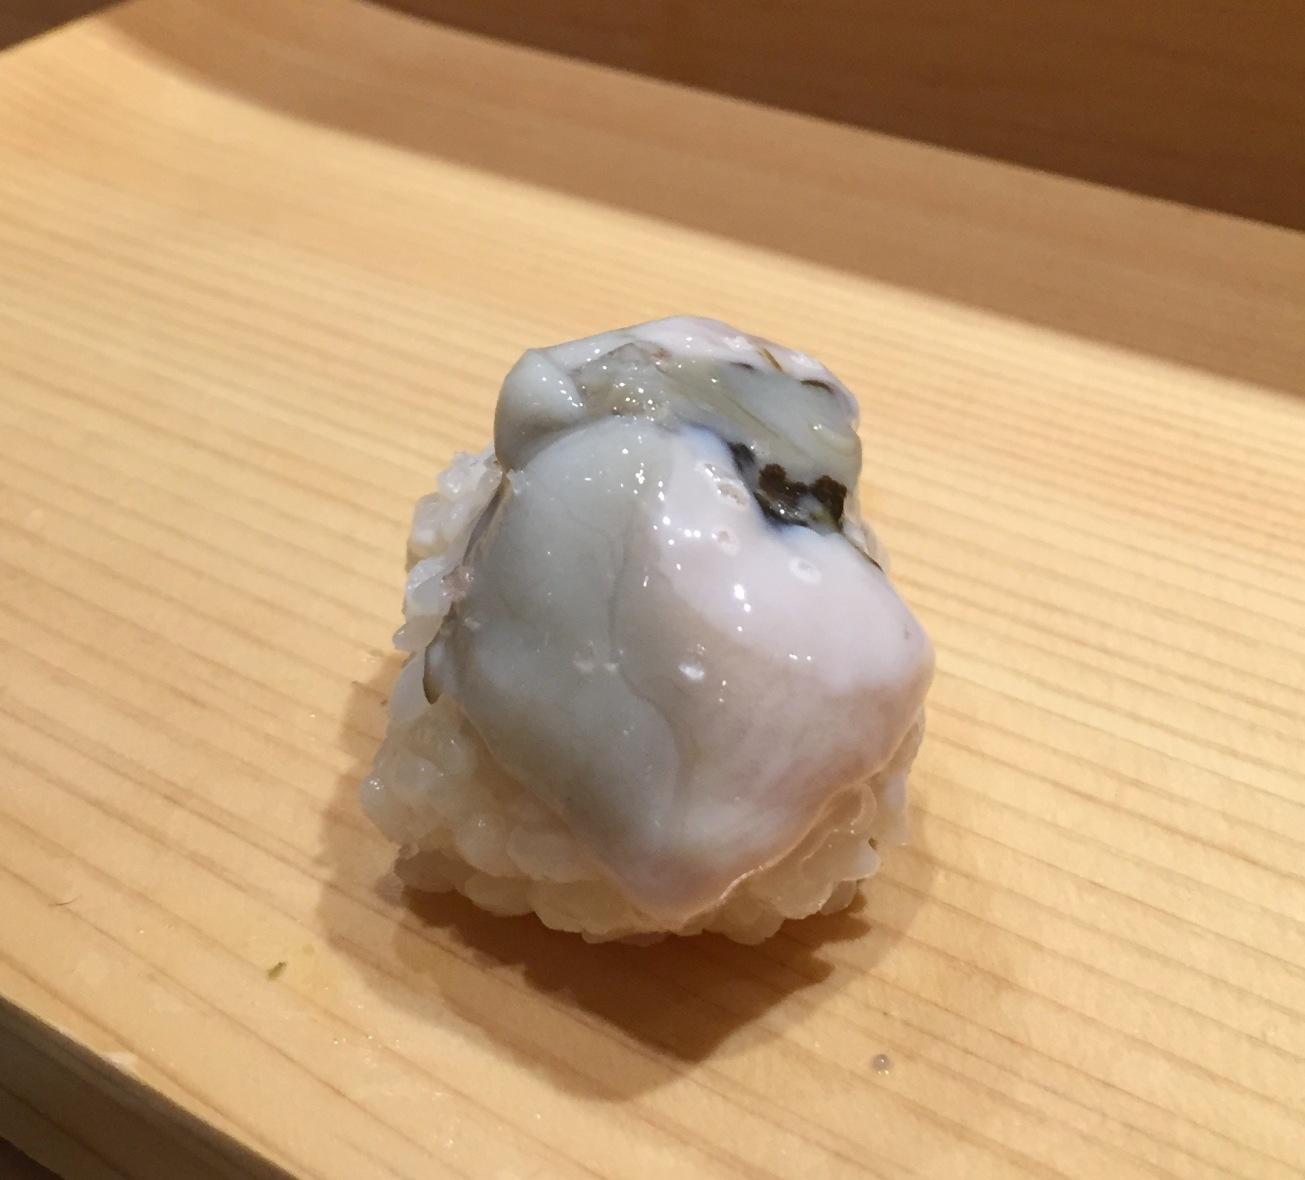 Oyster (Kaki) from Toyama